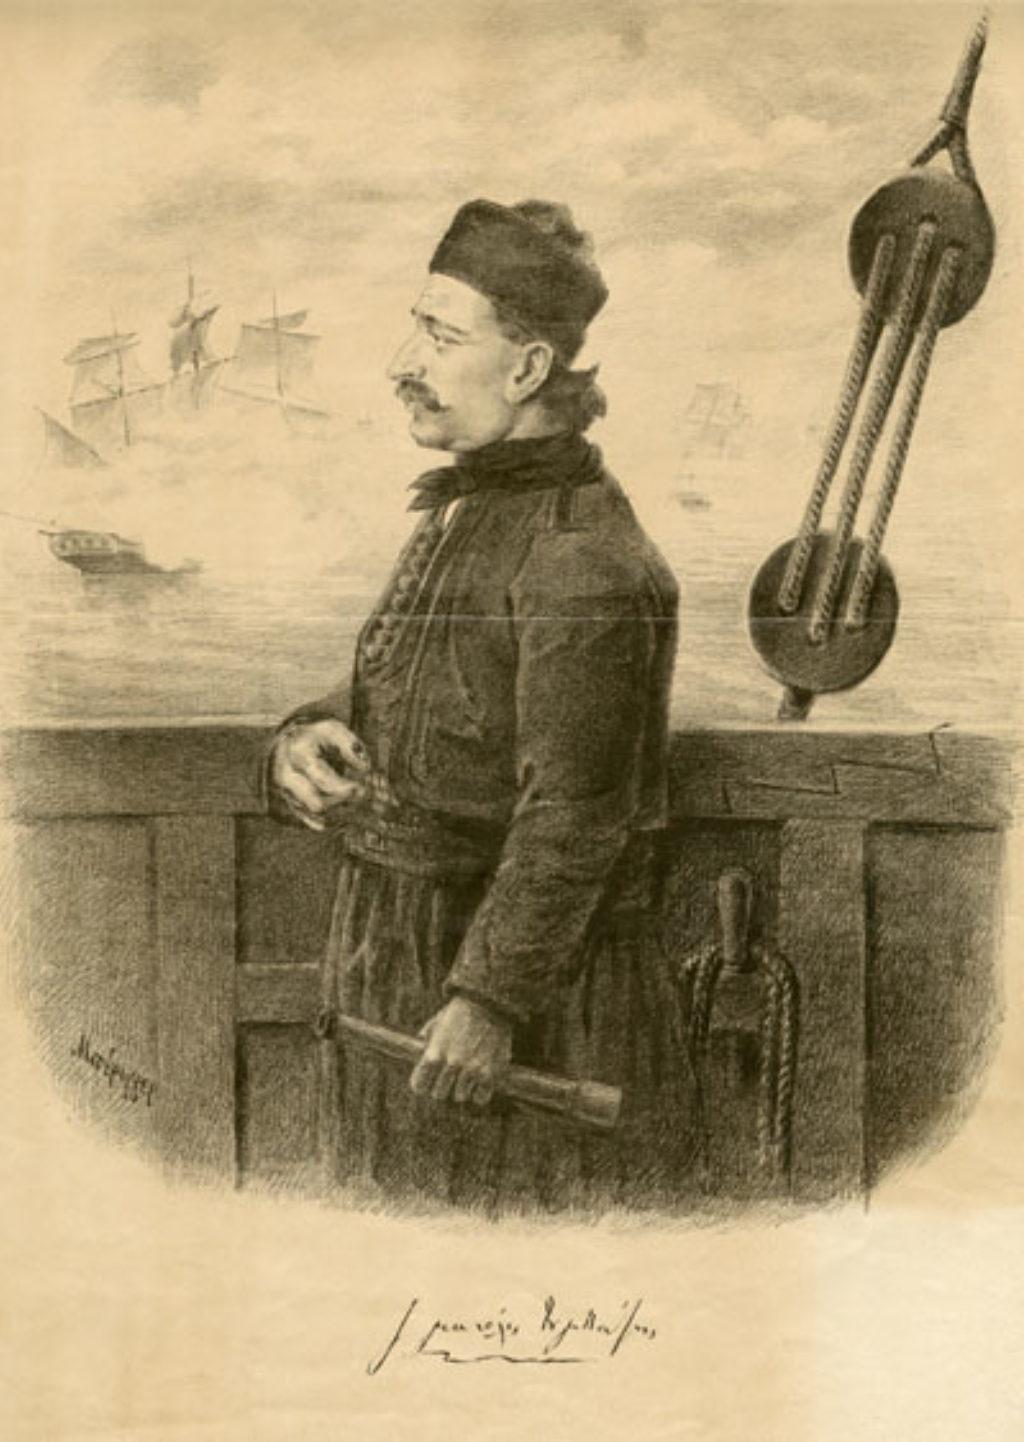 Εμμανουήλ Τομπάζης, ©Αρχείο Ιστορικών Εγγραφών ΙΕΕΕ - Εθνικό Ιστορικό Μουσείο, Αθήνα